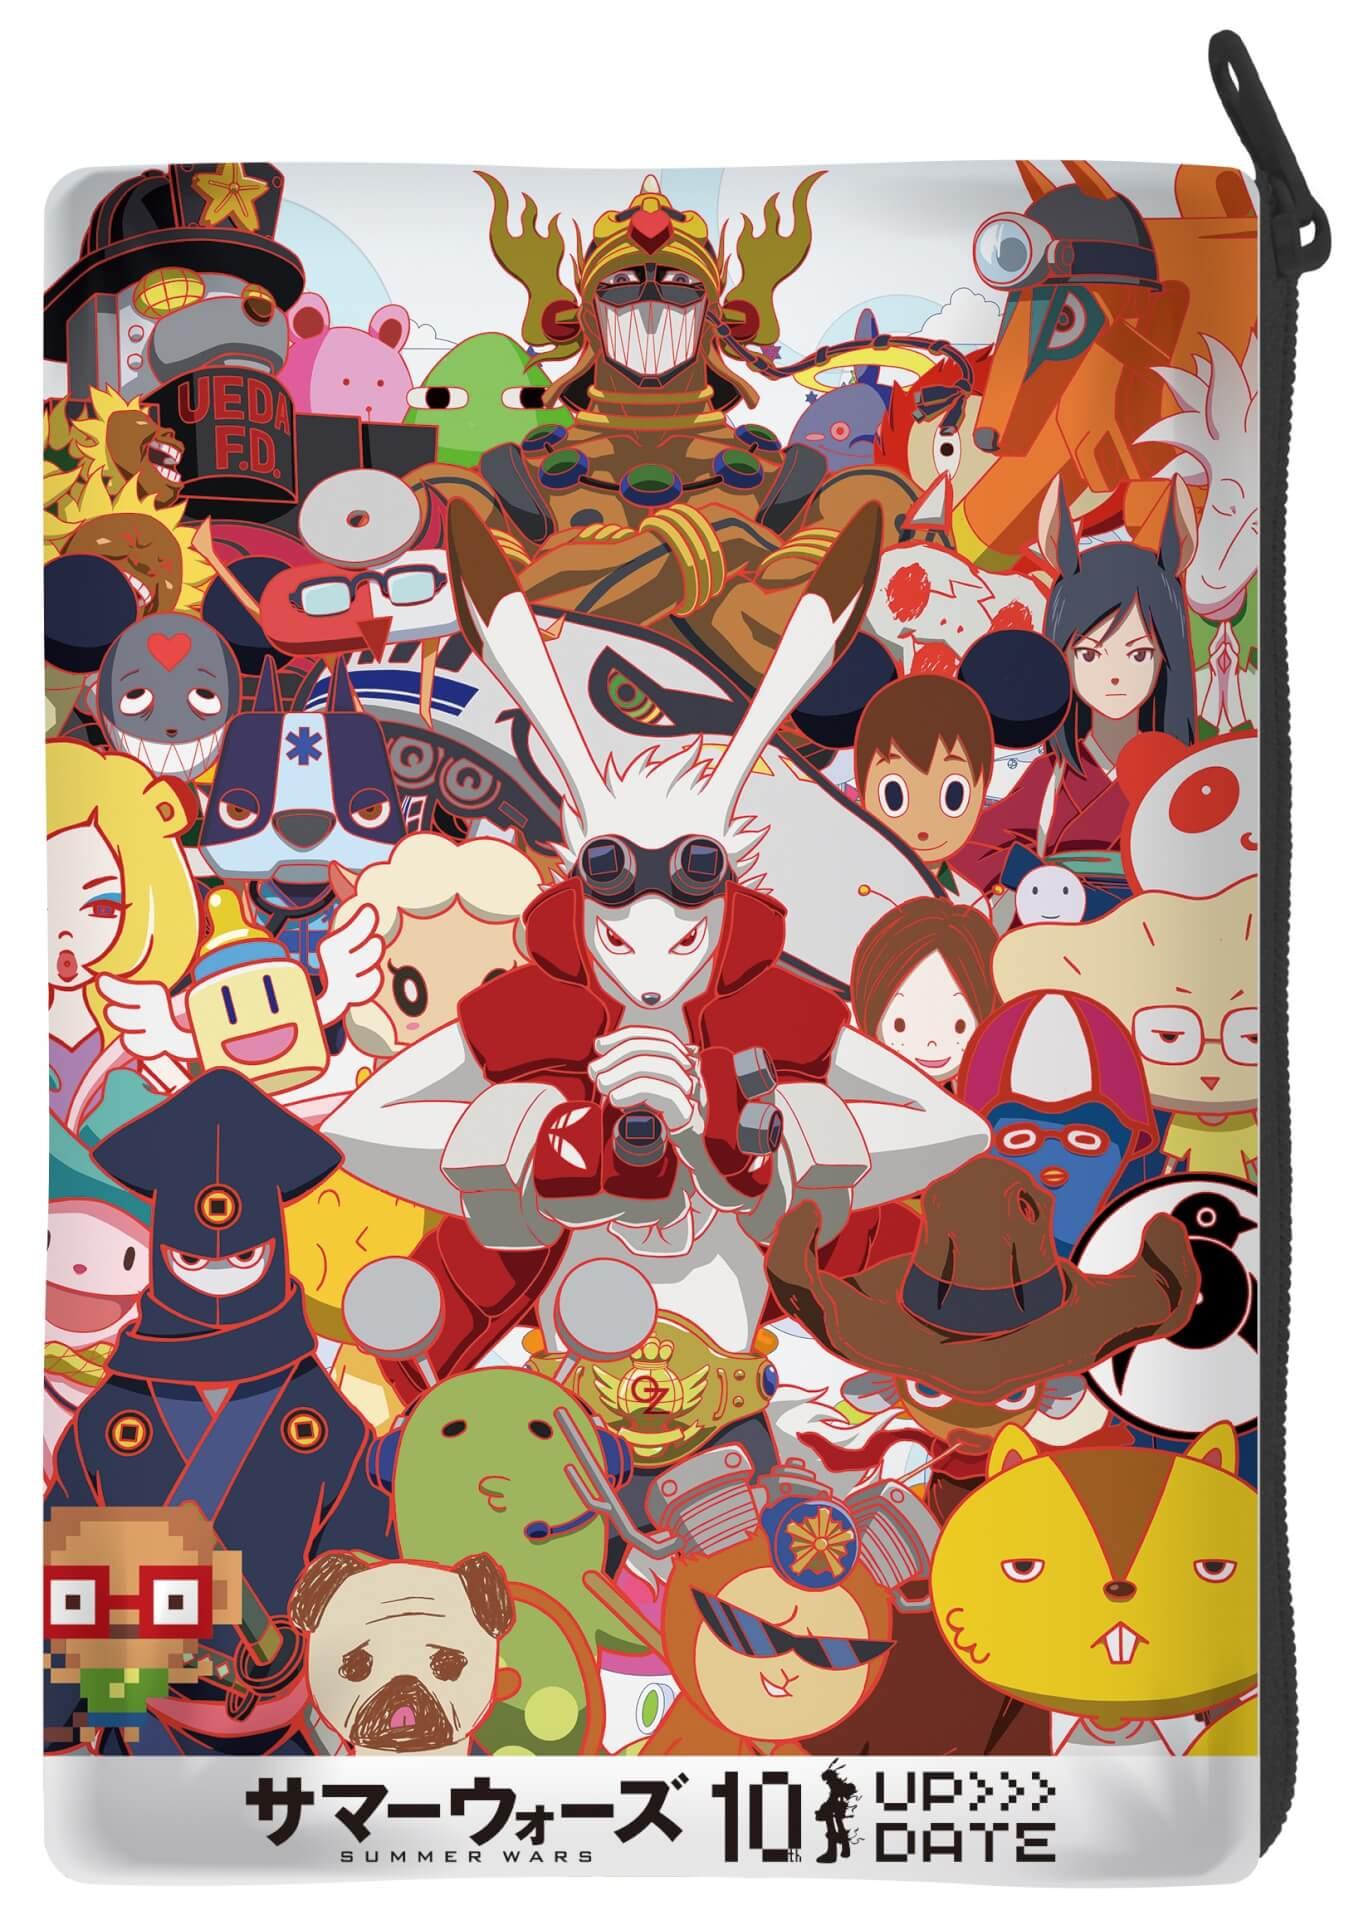 10周年を迎える『サマーウォーズ』が渋谷パルコ「Tokyo Otaku Mode TOKYO」でポップアップストア開催!限定グッズやプレゼントも lf200114_summerwarsparco_14